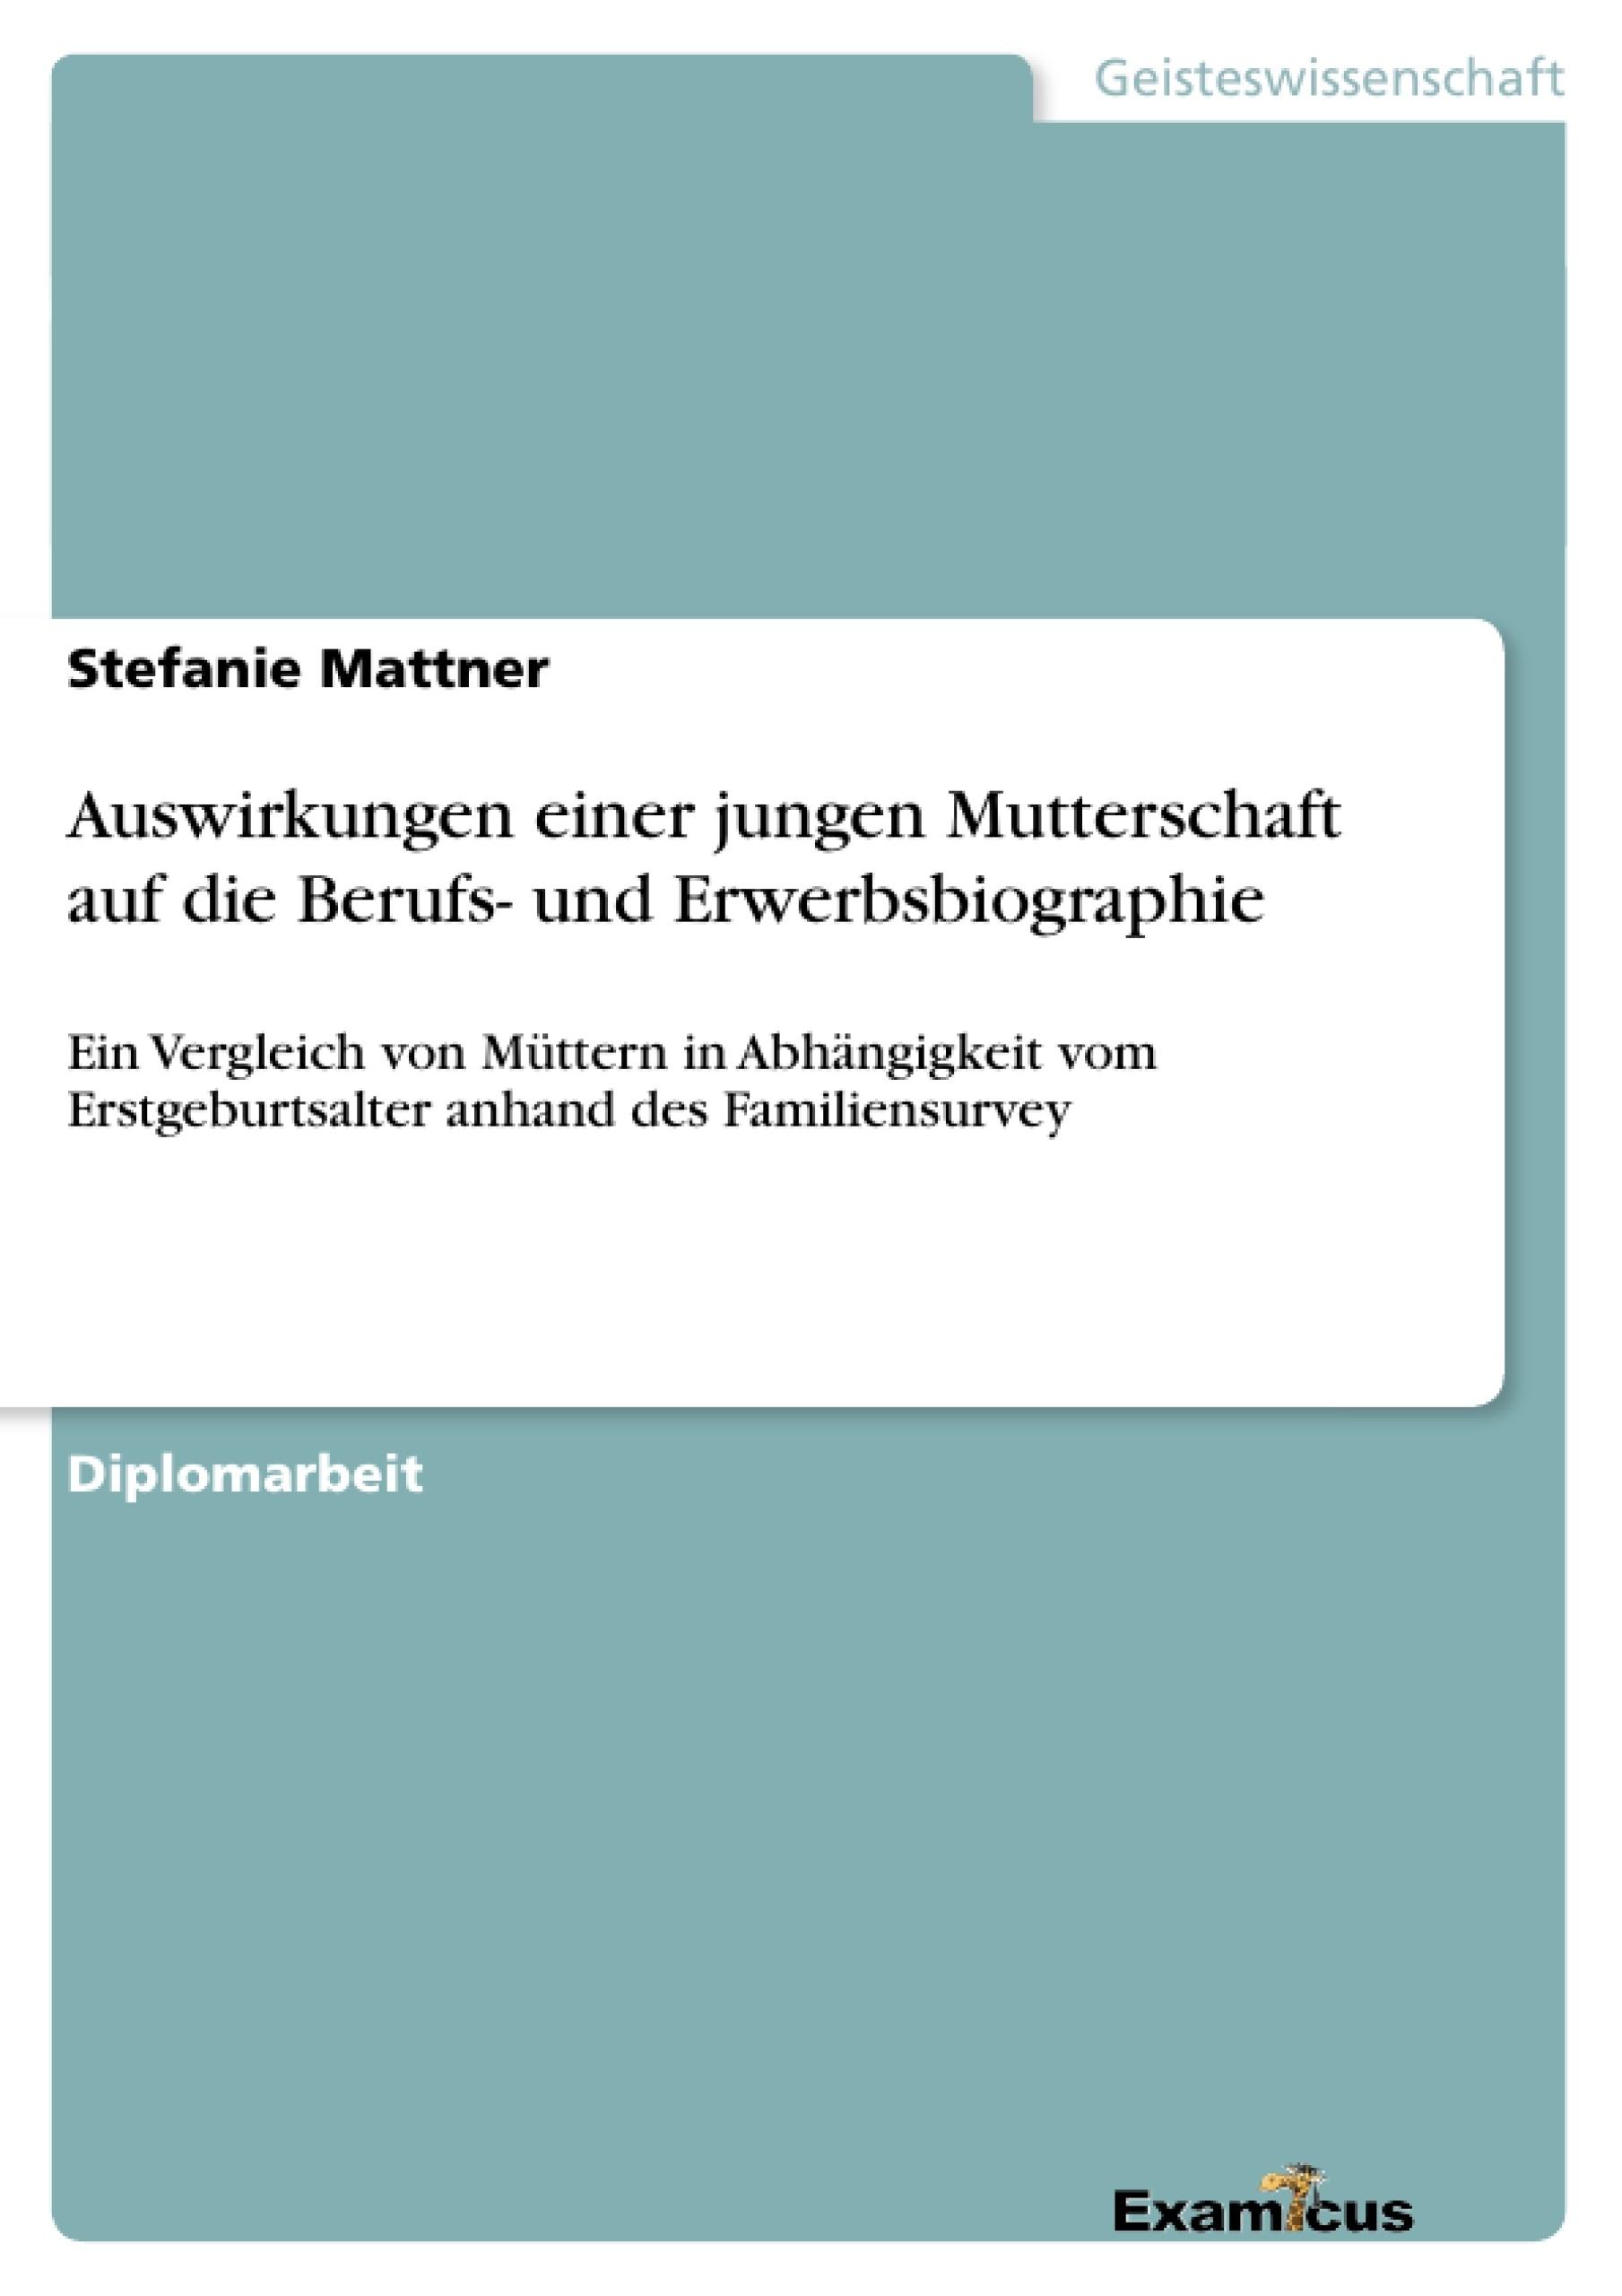 Titel: Auswirkungen einer jungen Mutterschaft auf die Berufs- und Erwerbsbiographie